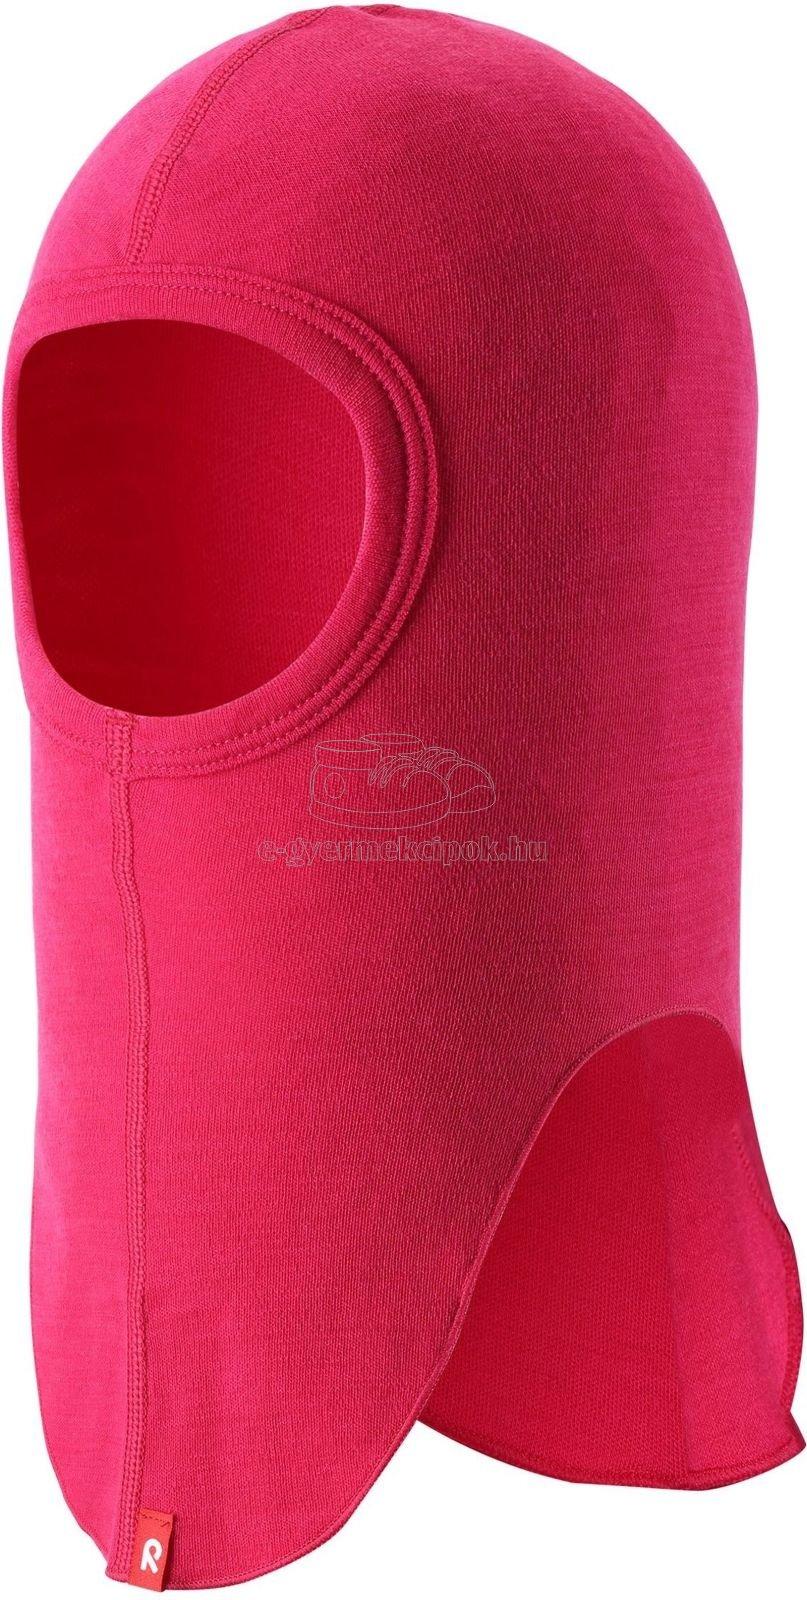 Téli gyerek kámzsa Reima 528617-4650 raspberry pink